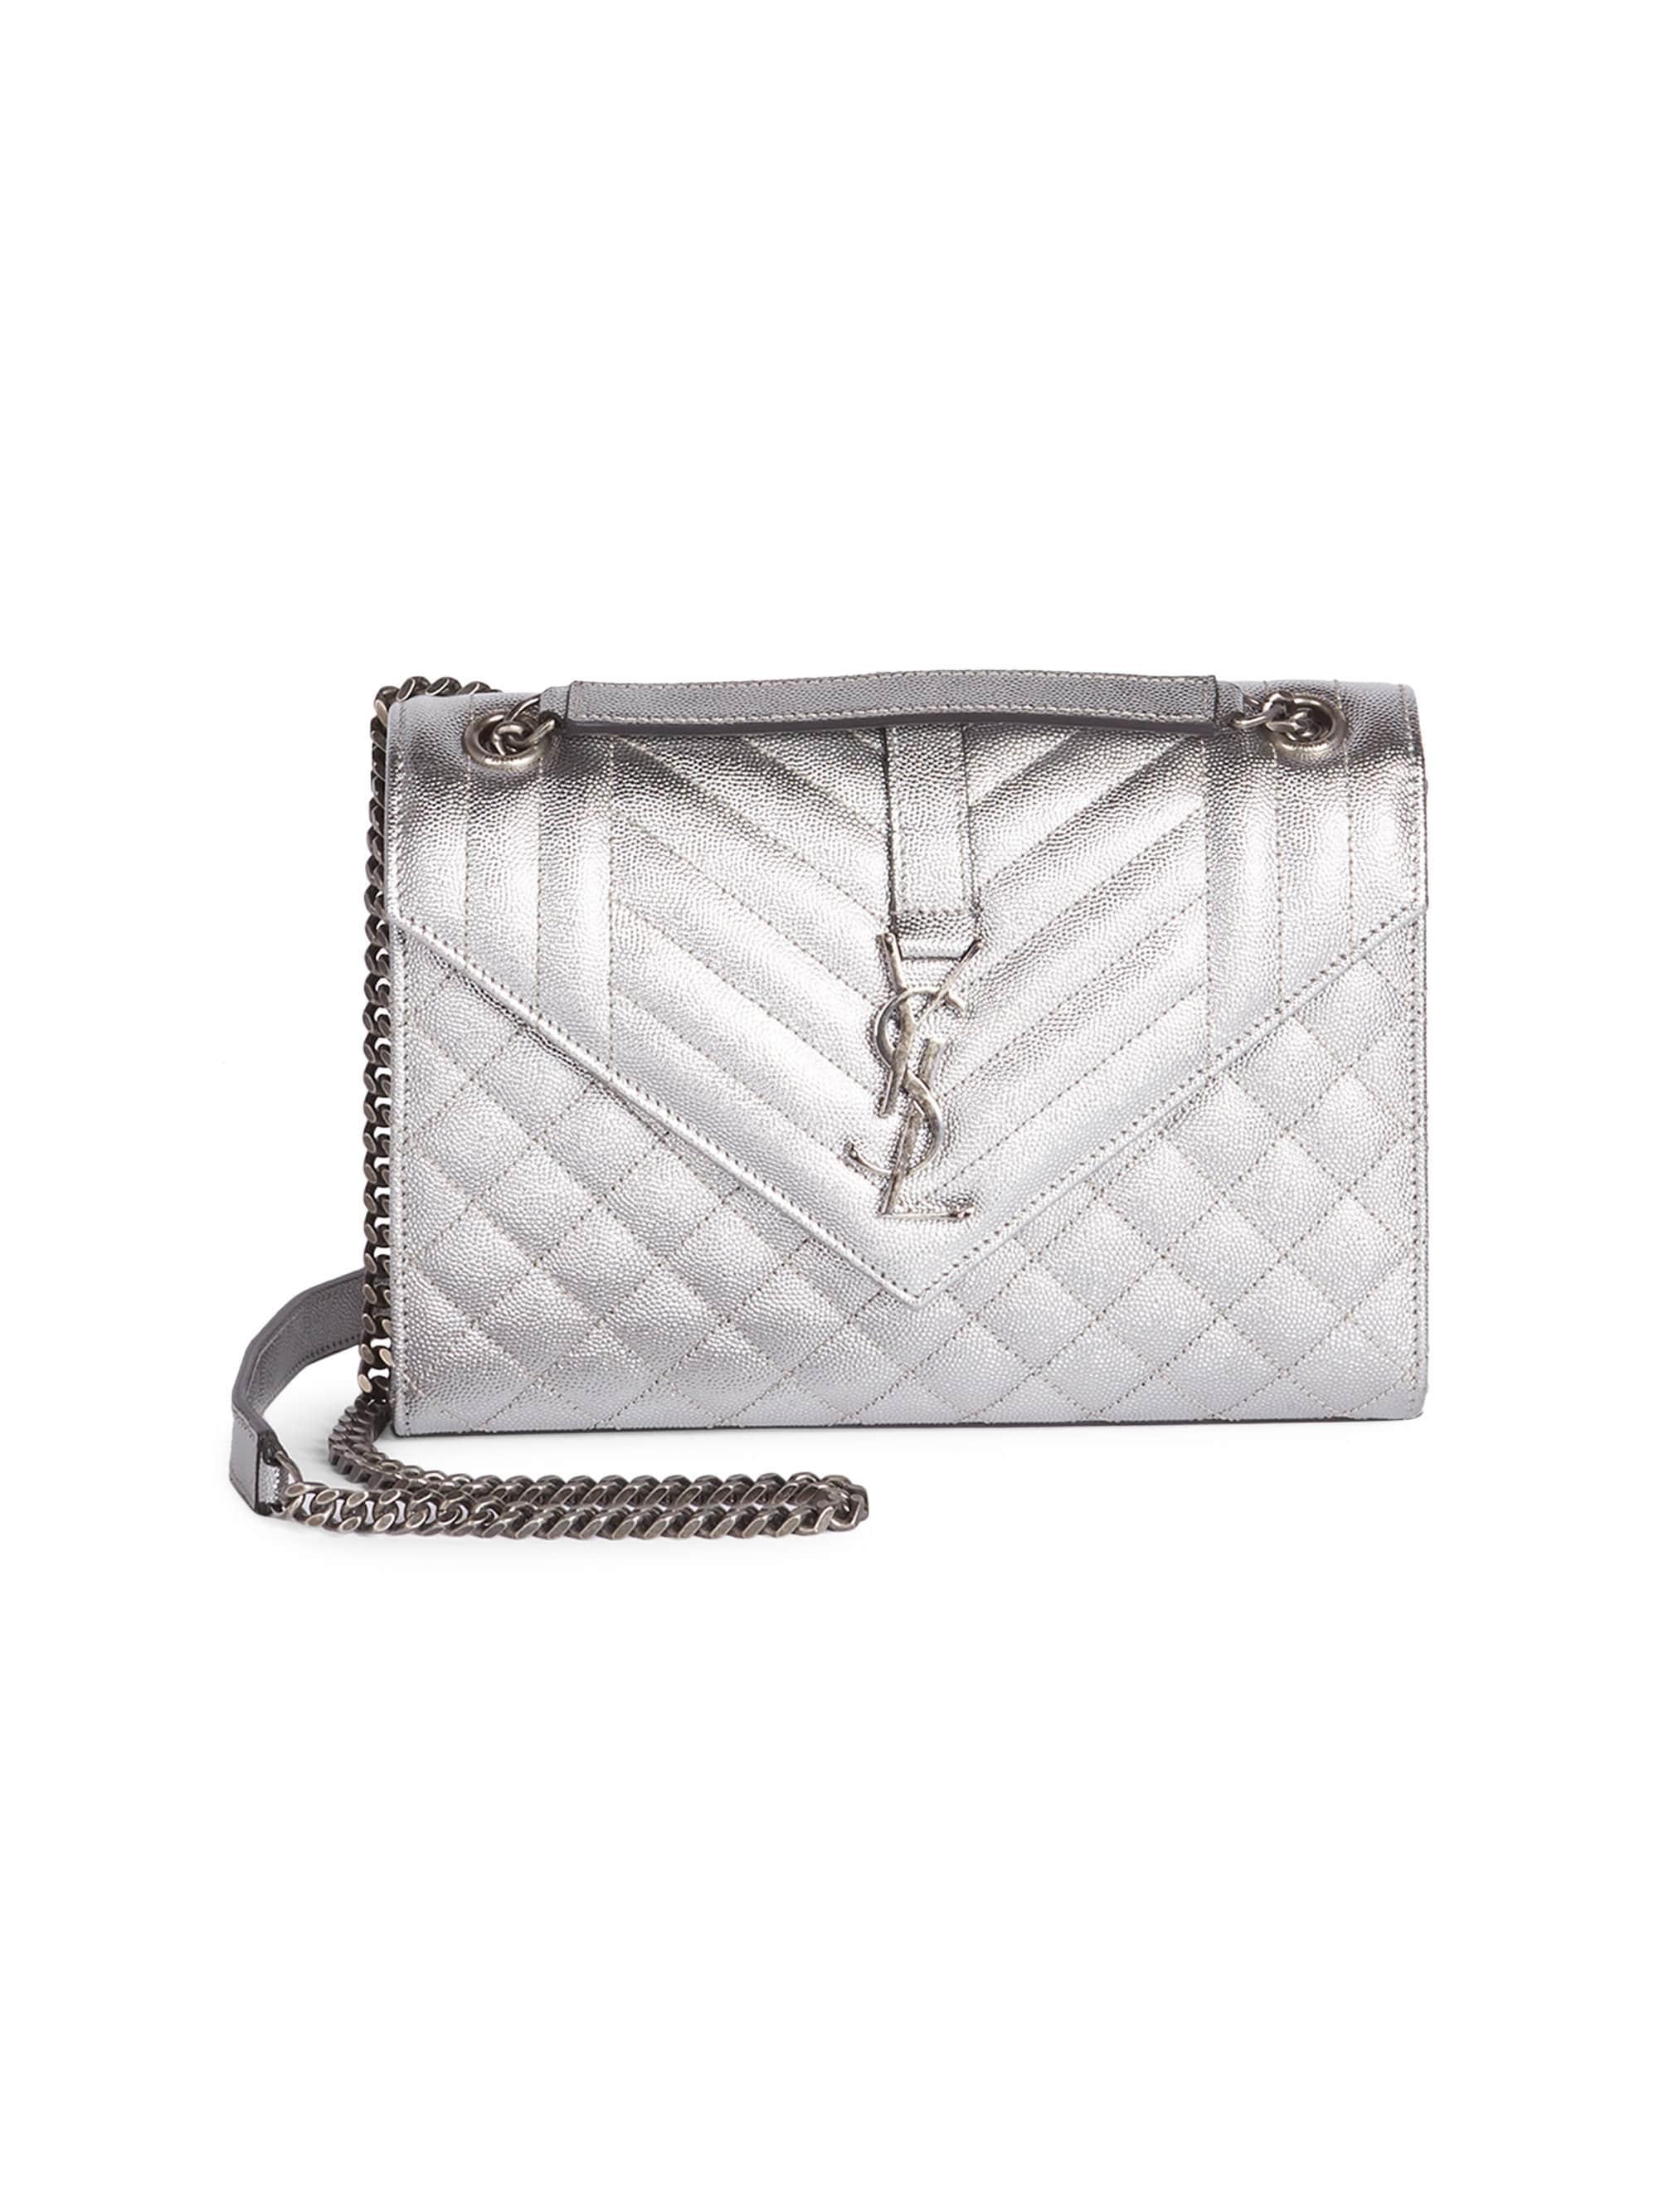 92940c8870 Saint Laurent. Metallic Women s Medium Embossed Leather Envelope Bag ...